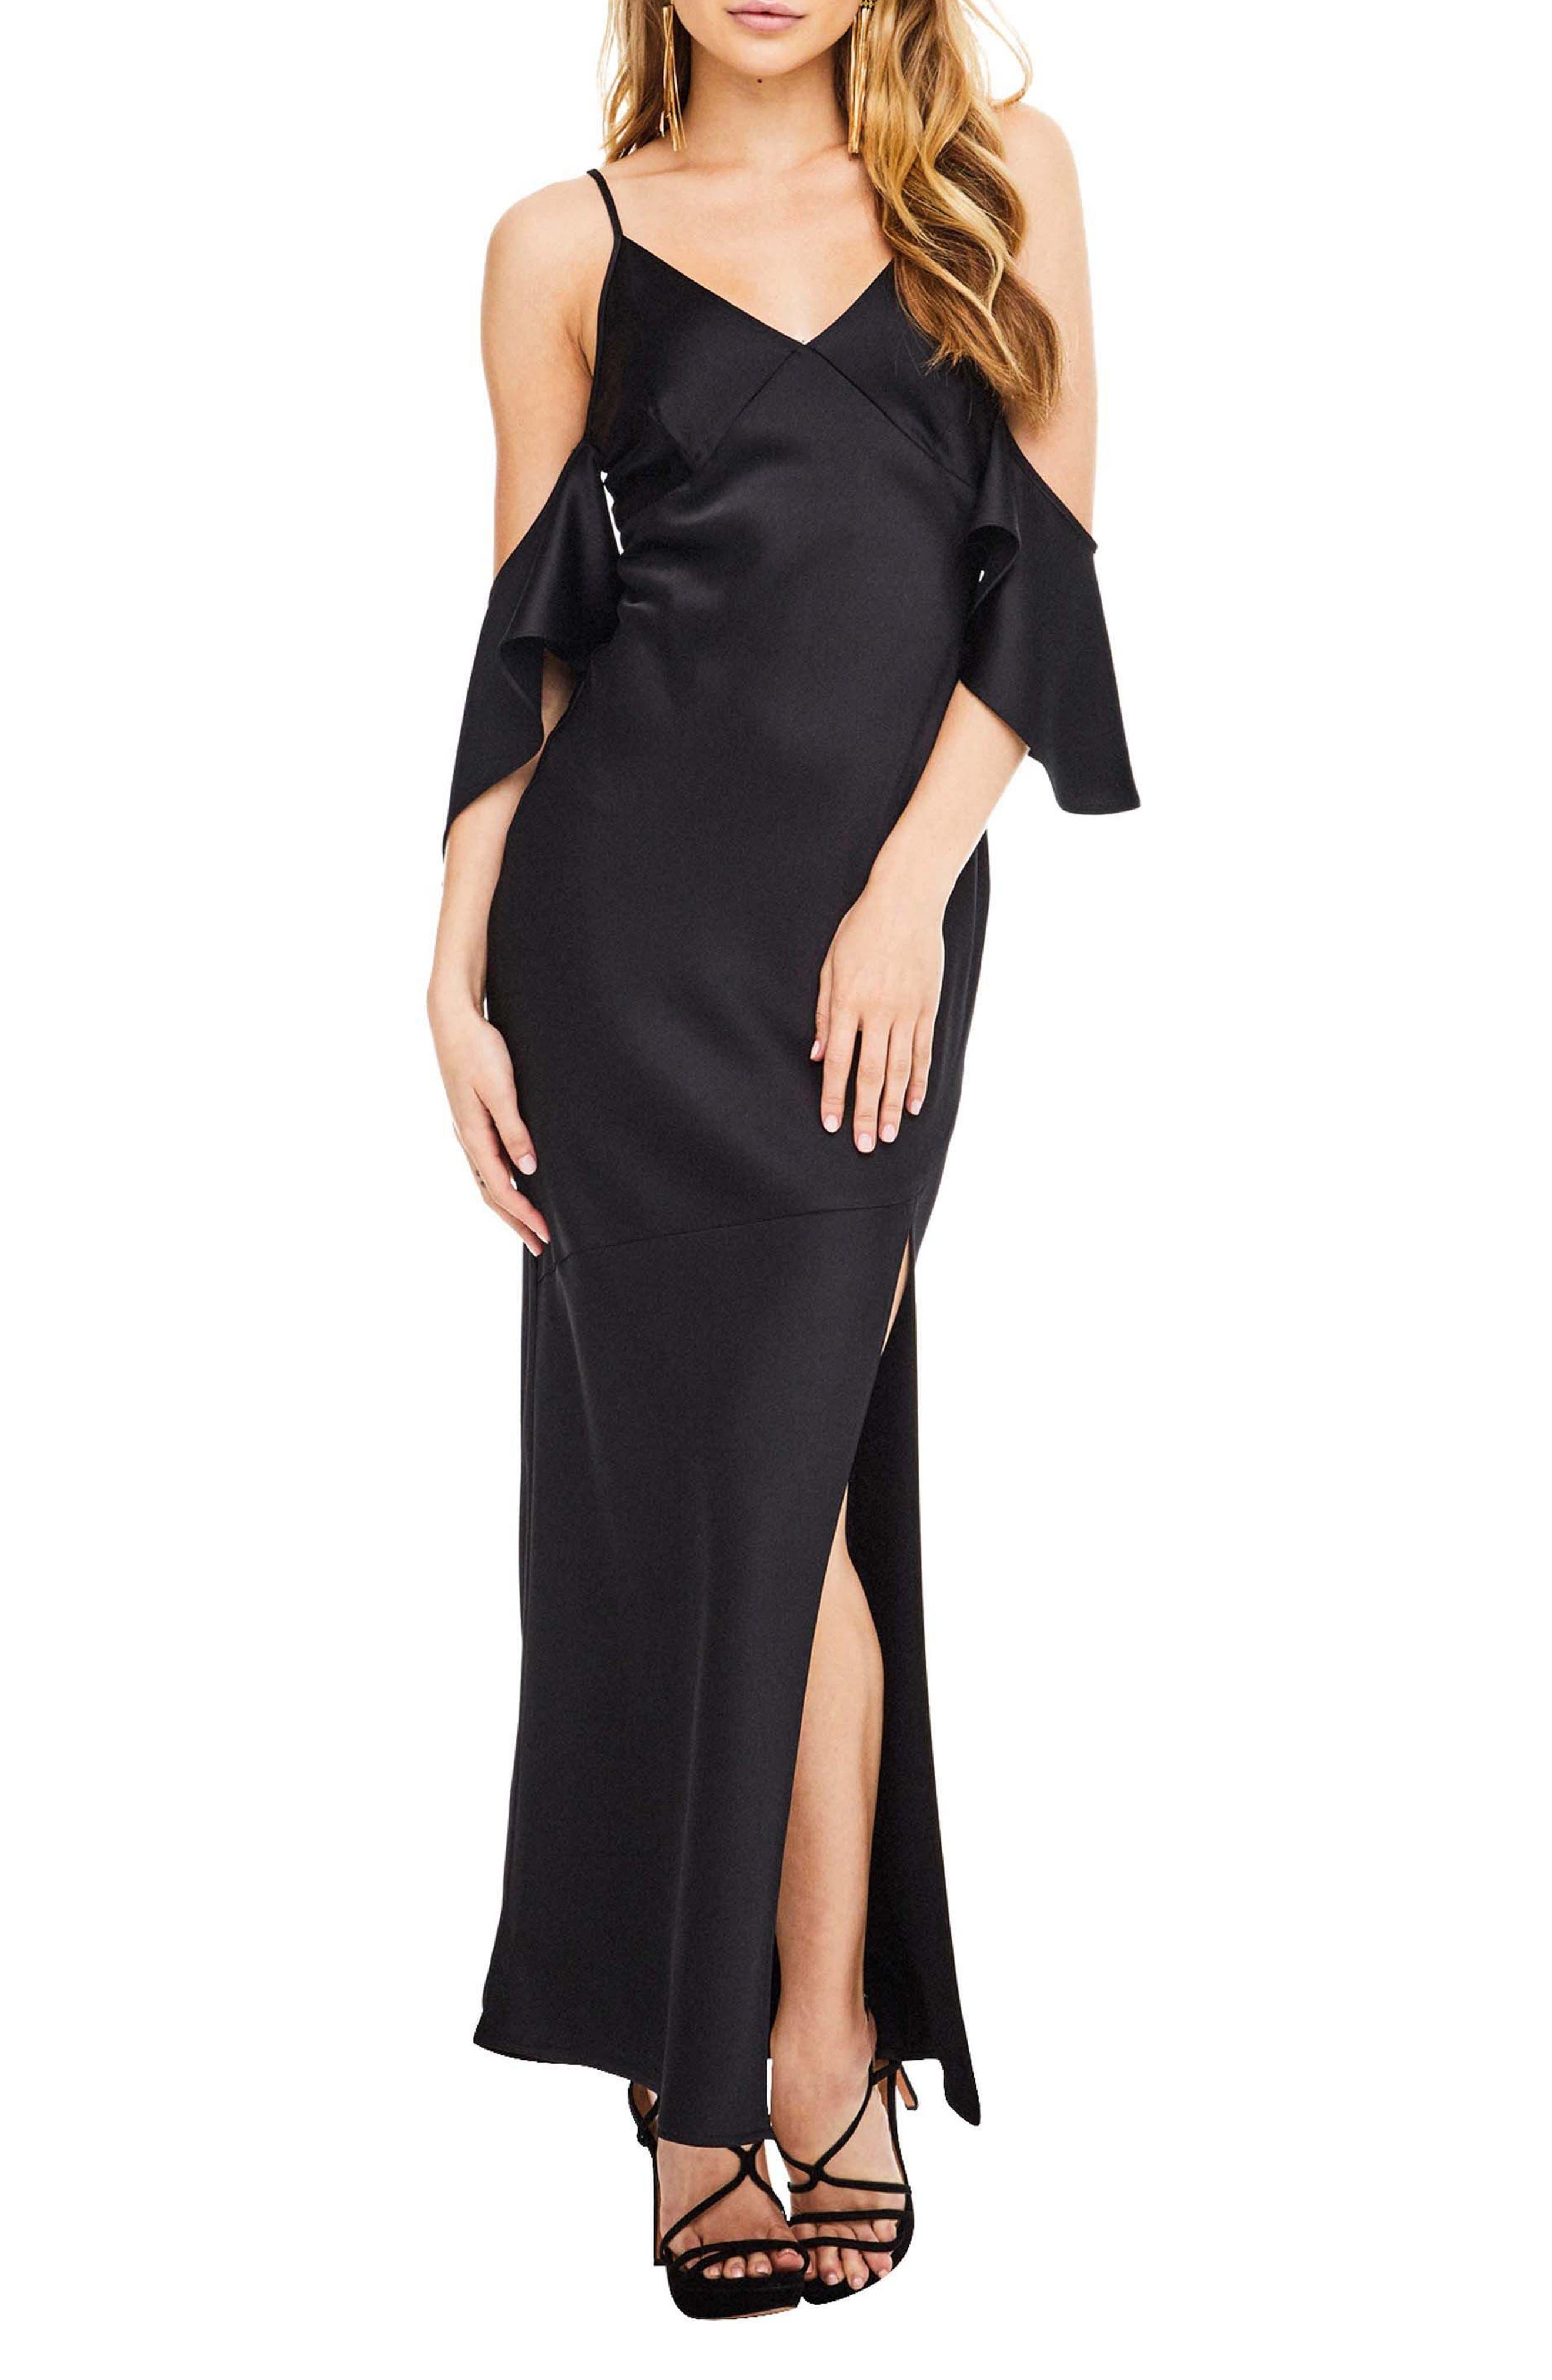 Kendra Maxi Dress,                         Main,                         color, 001